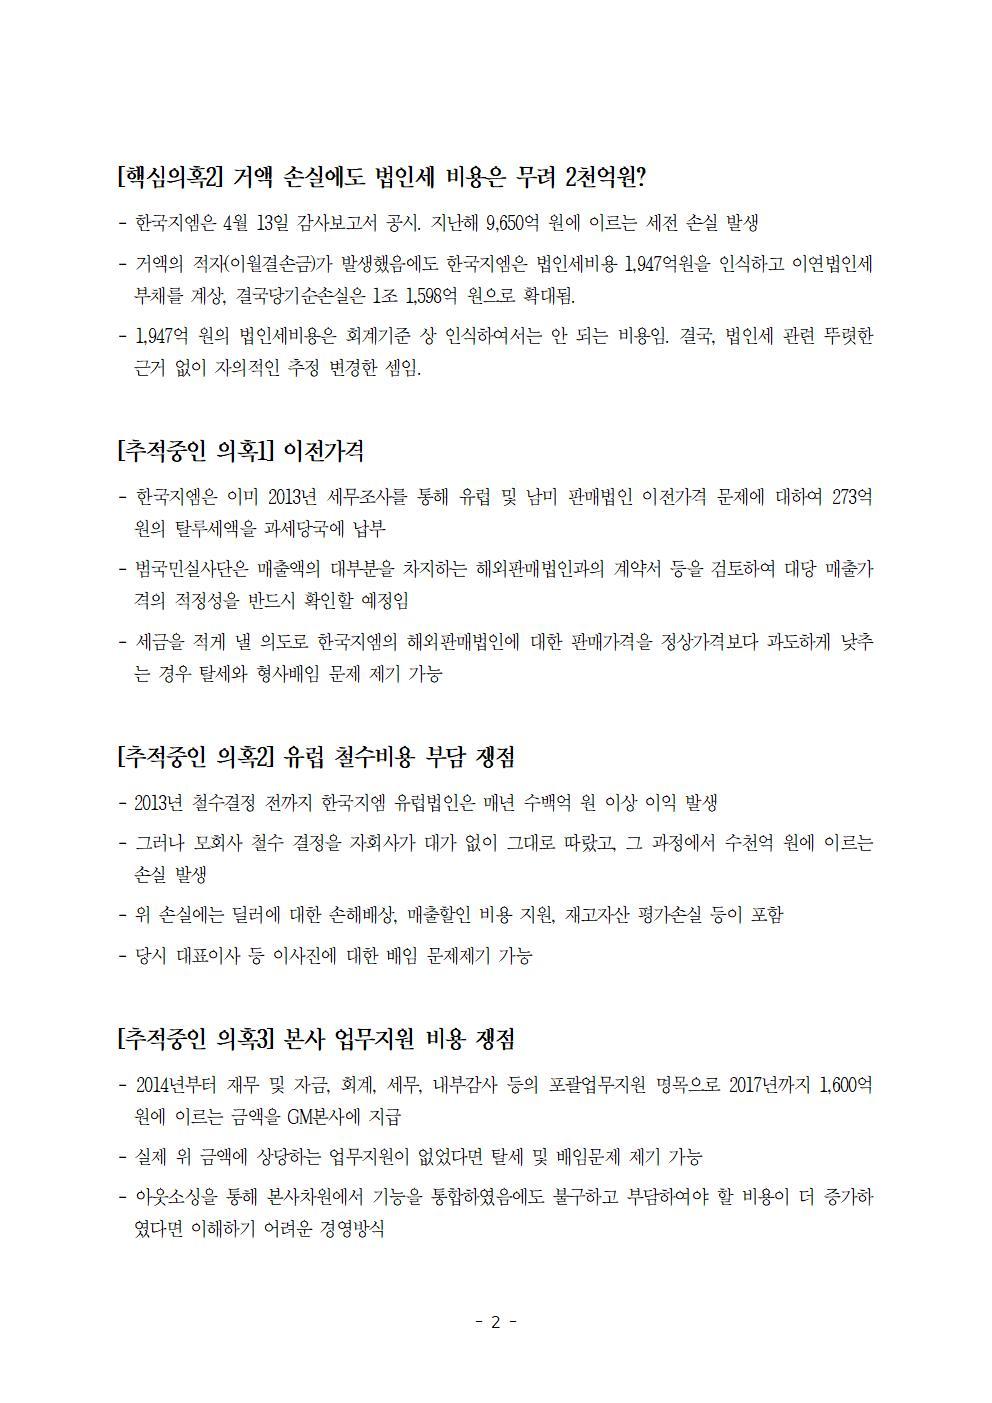 한국지엠범국민실사단002.jpg